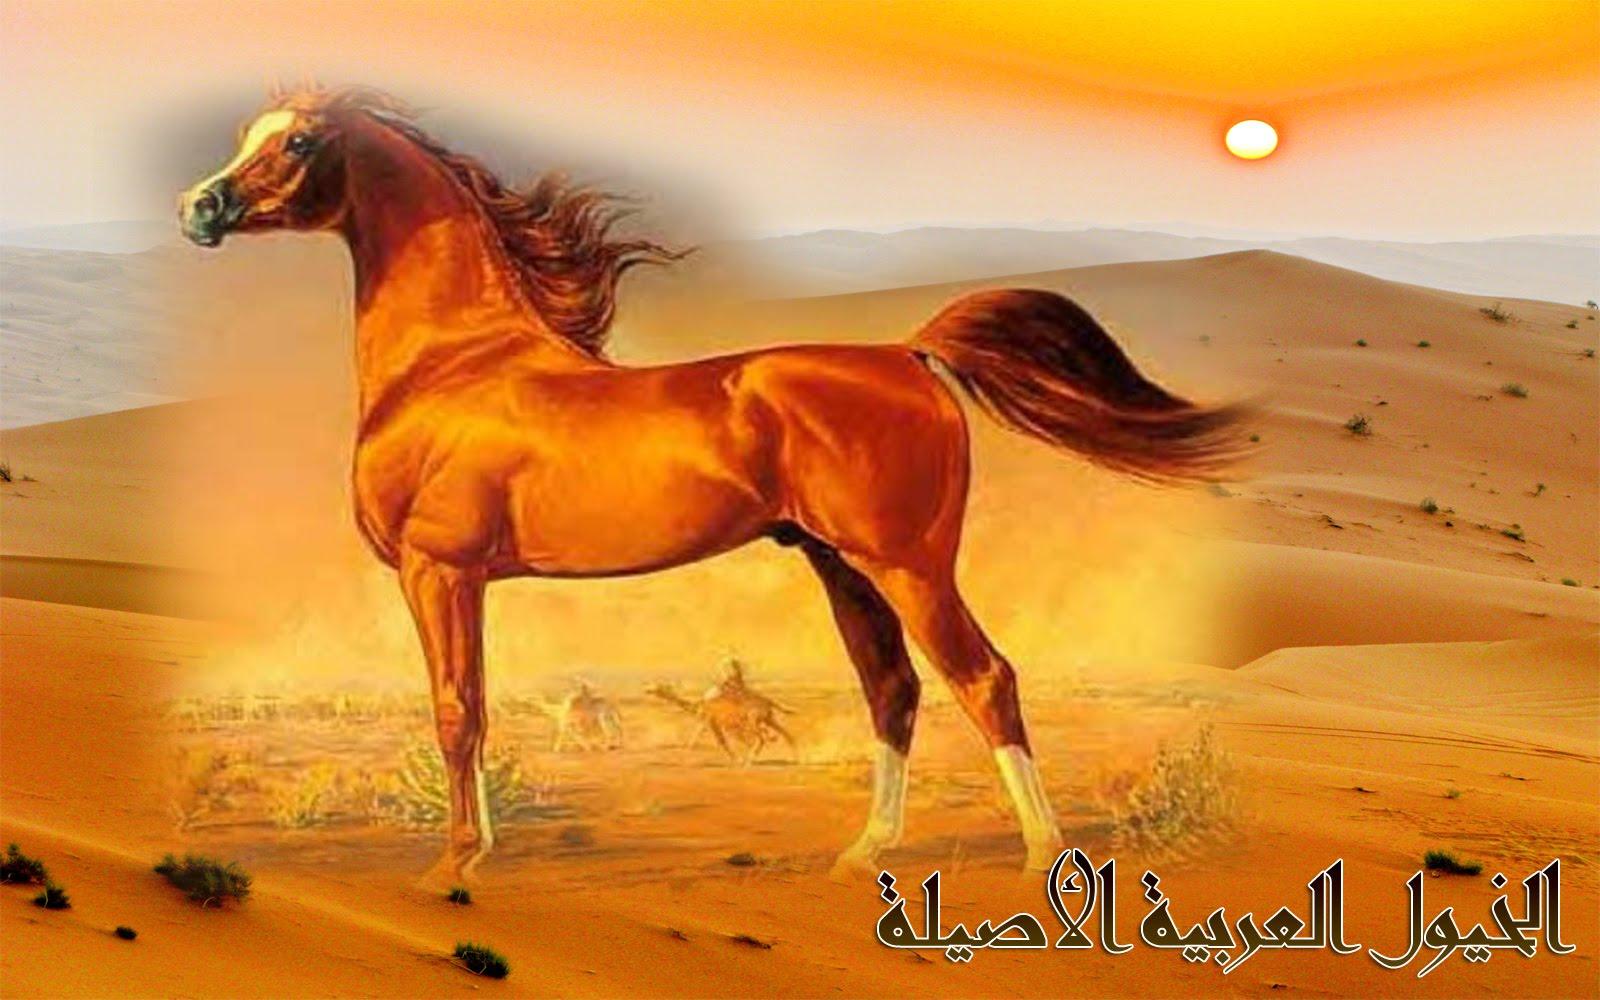 صور خيول عربية , اصالة الخيول العربية العريقة